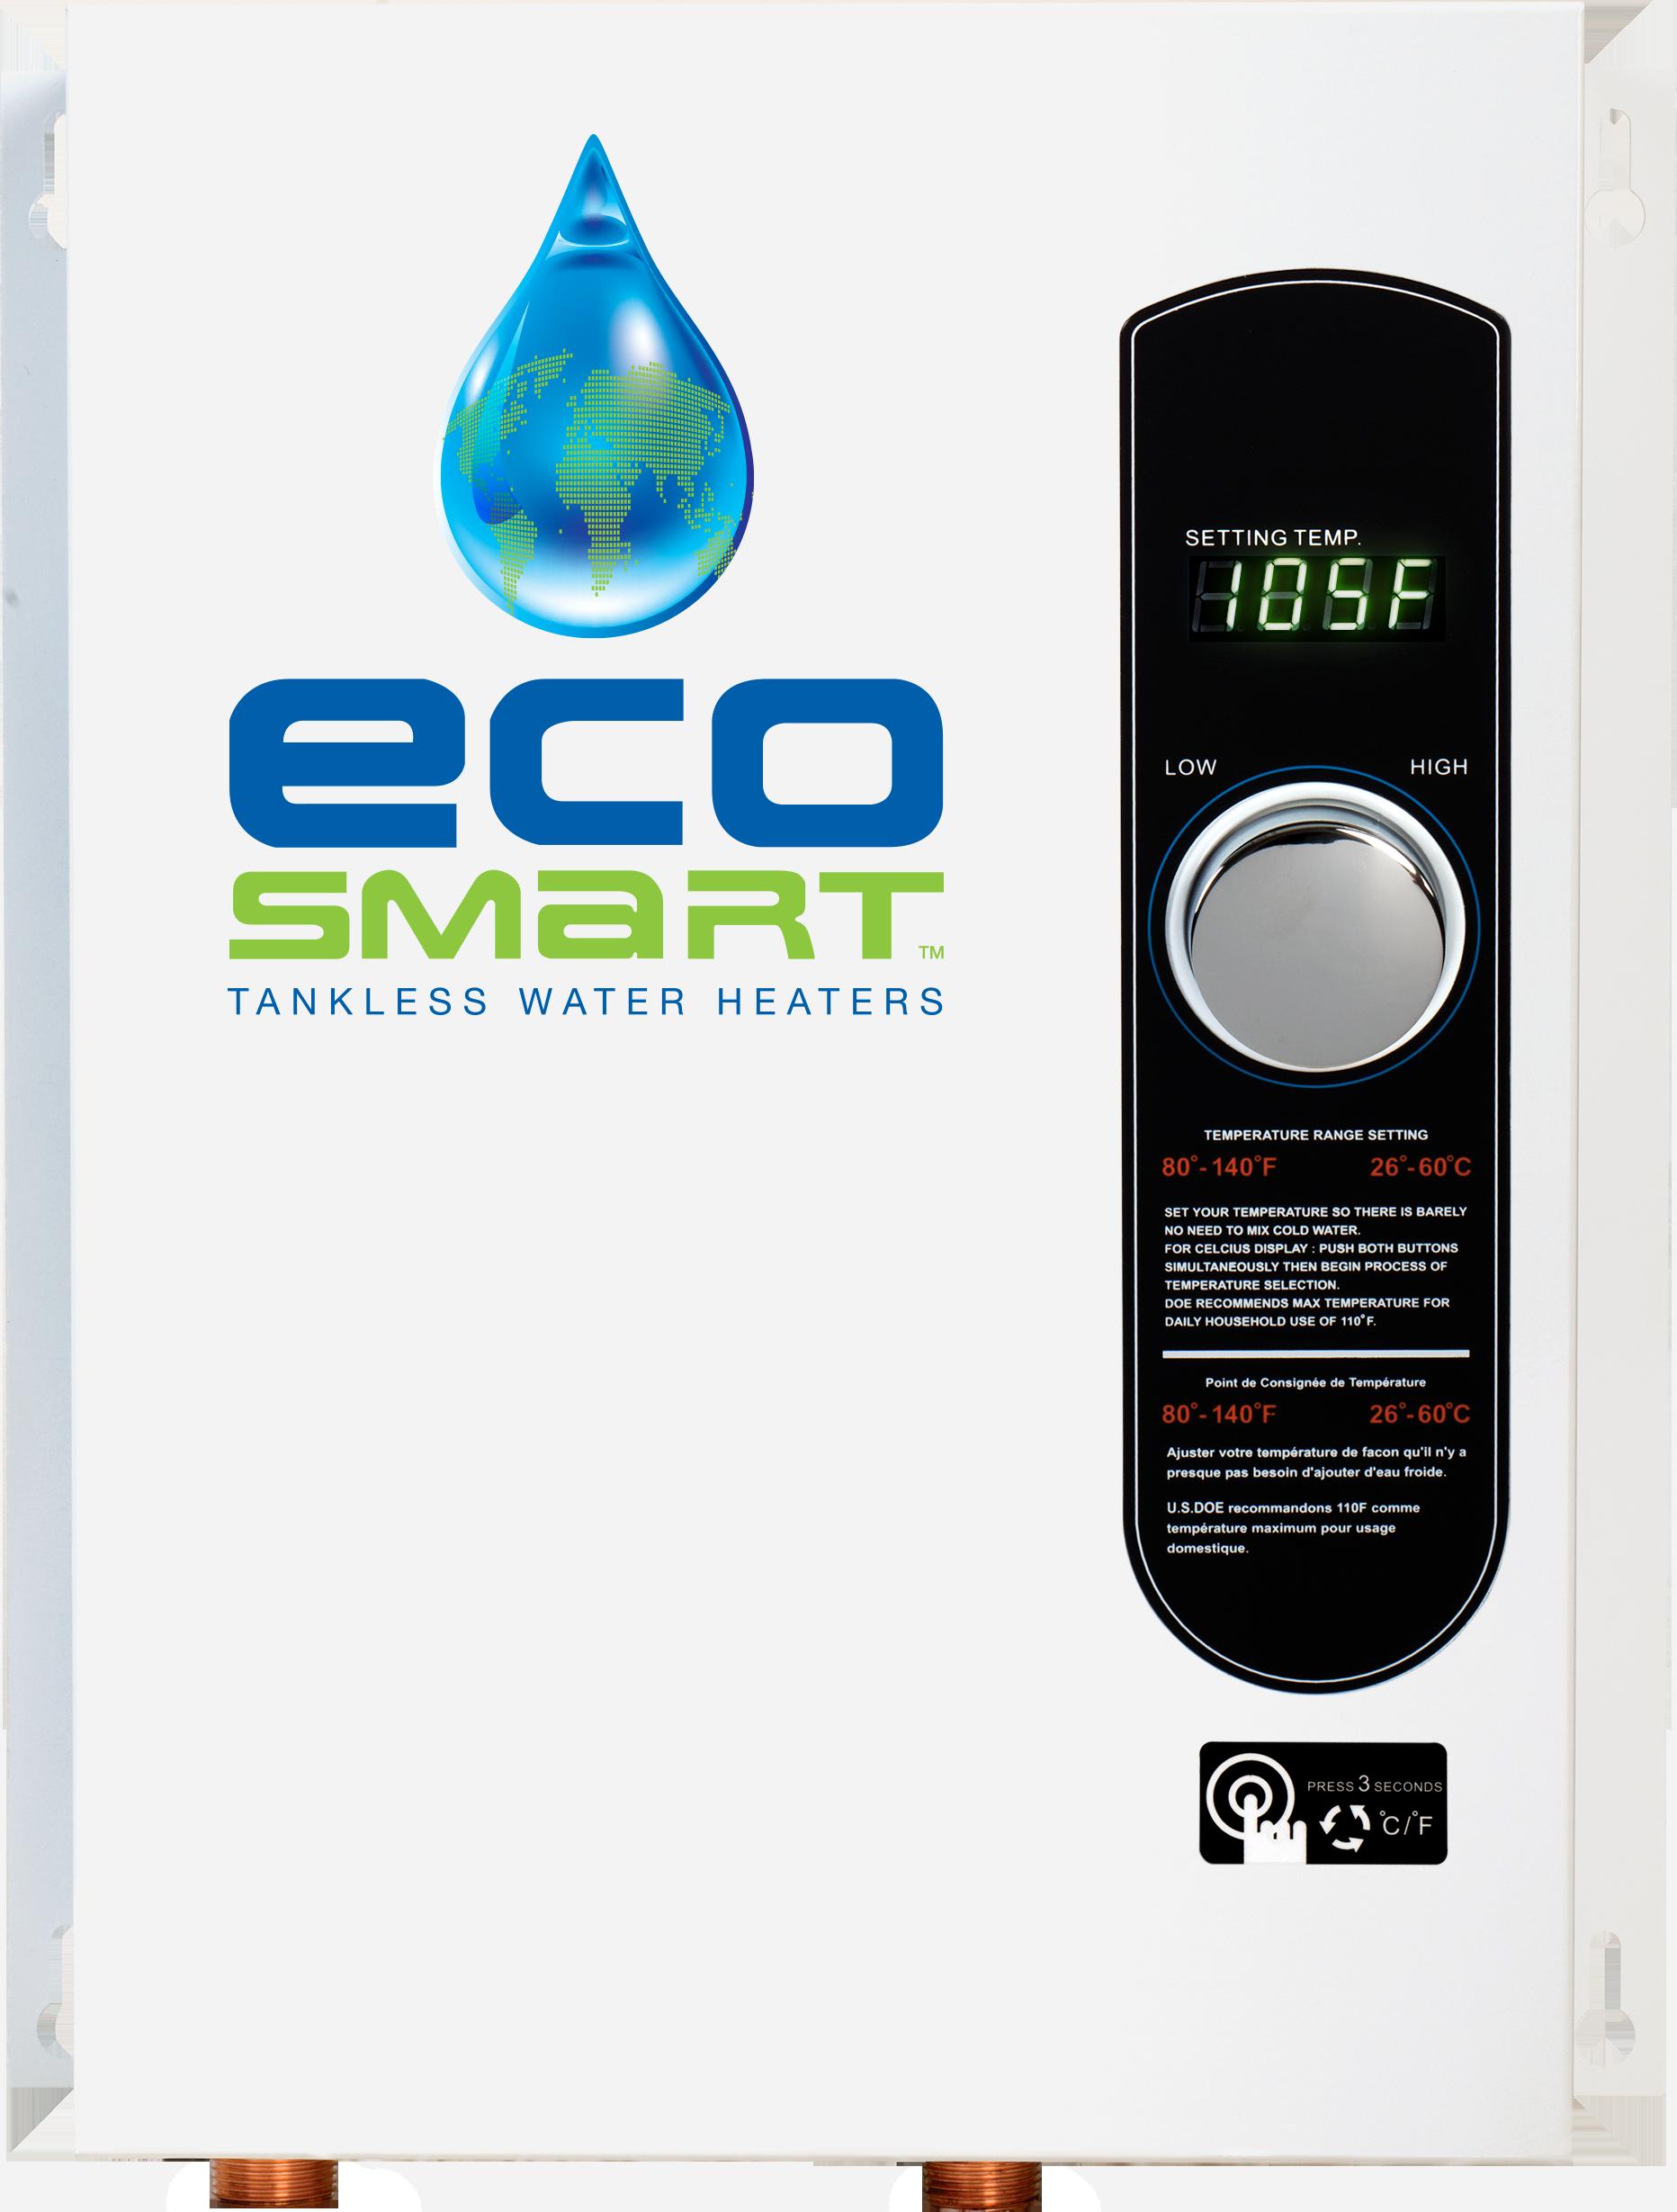 ECO 18 - Web Product Image